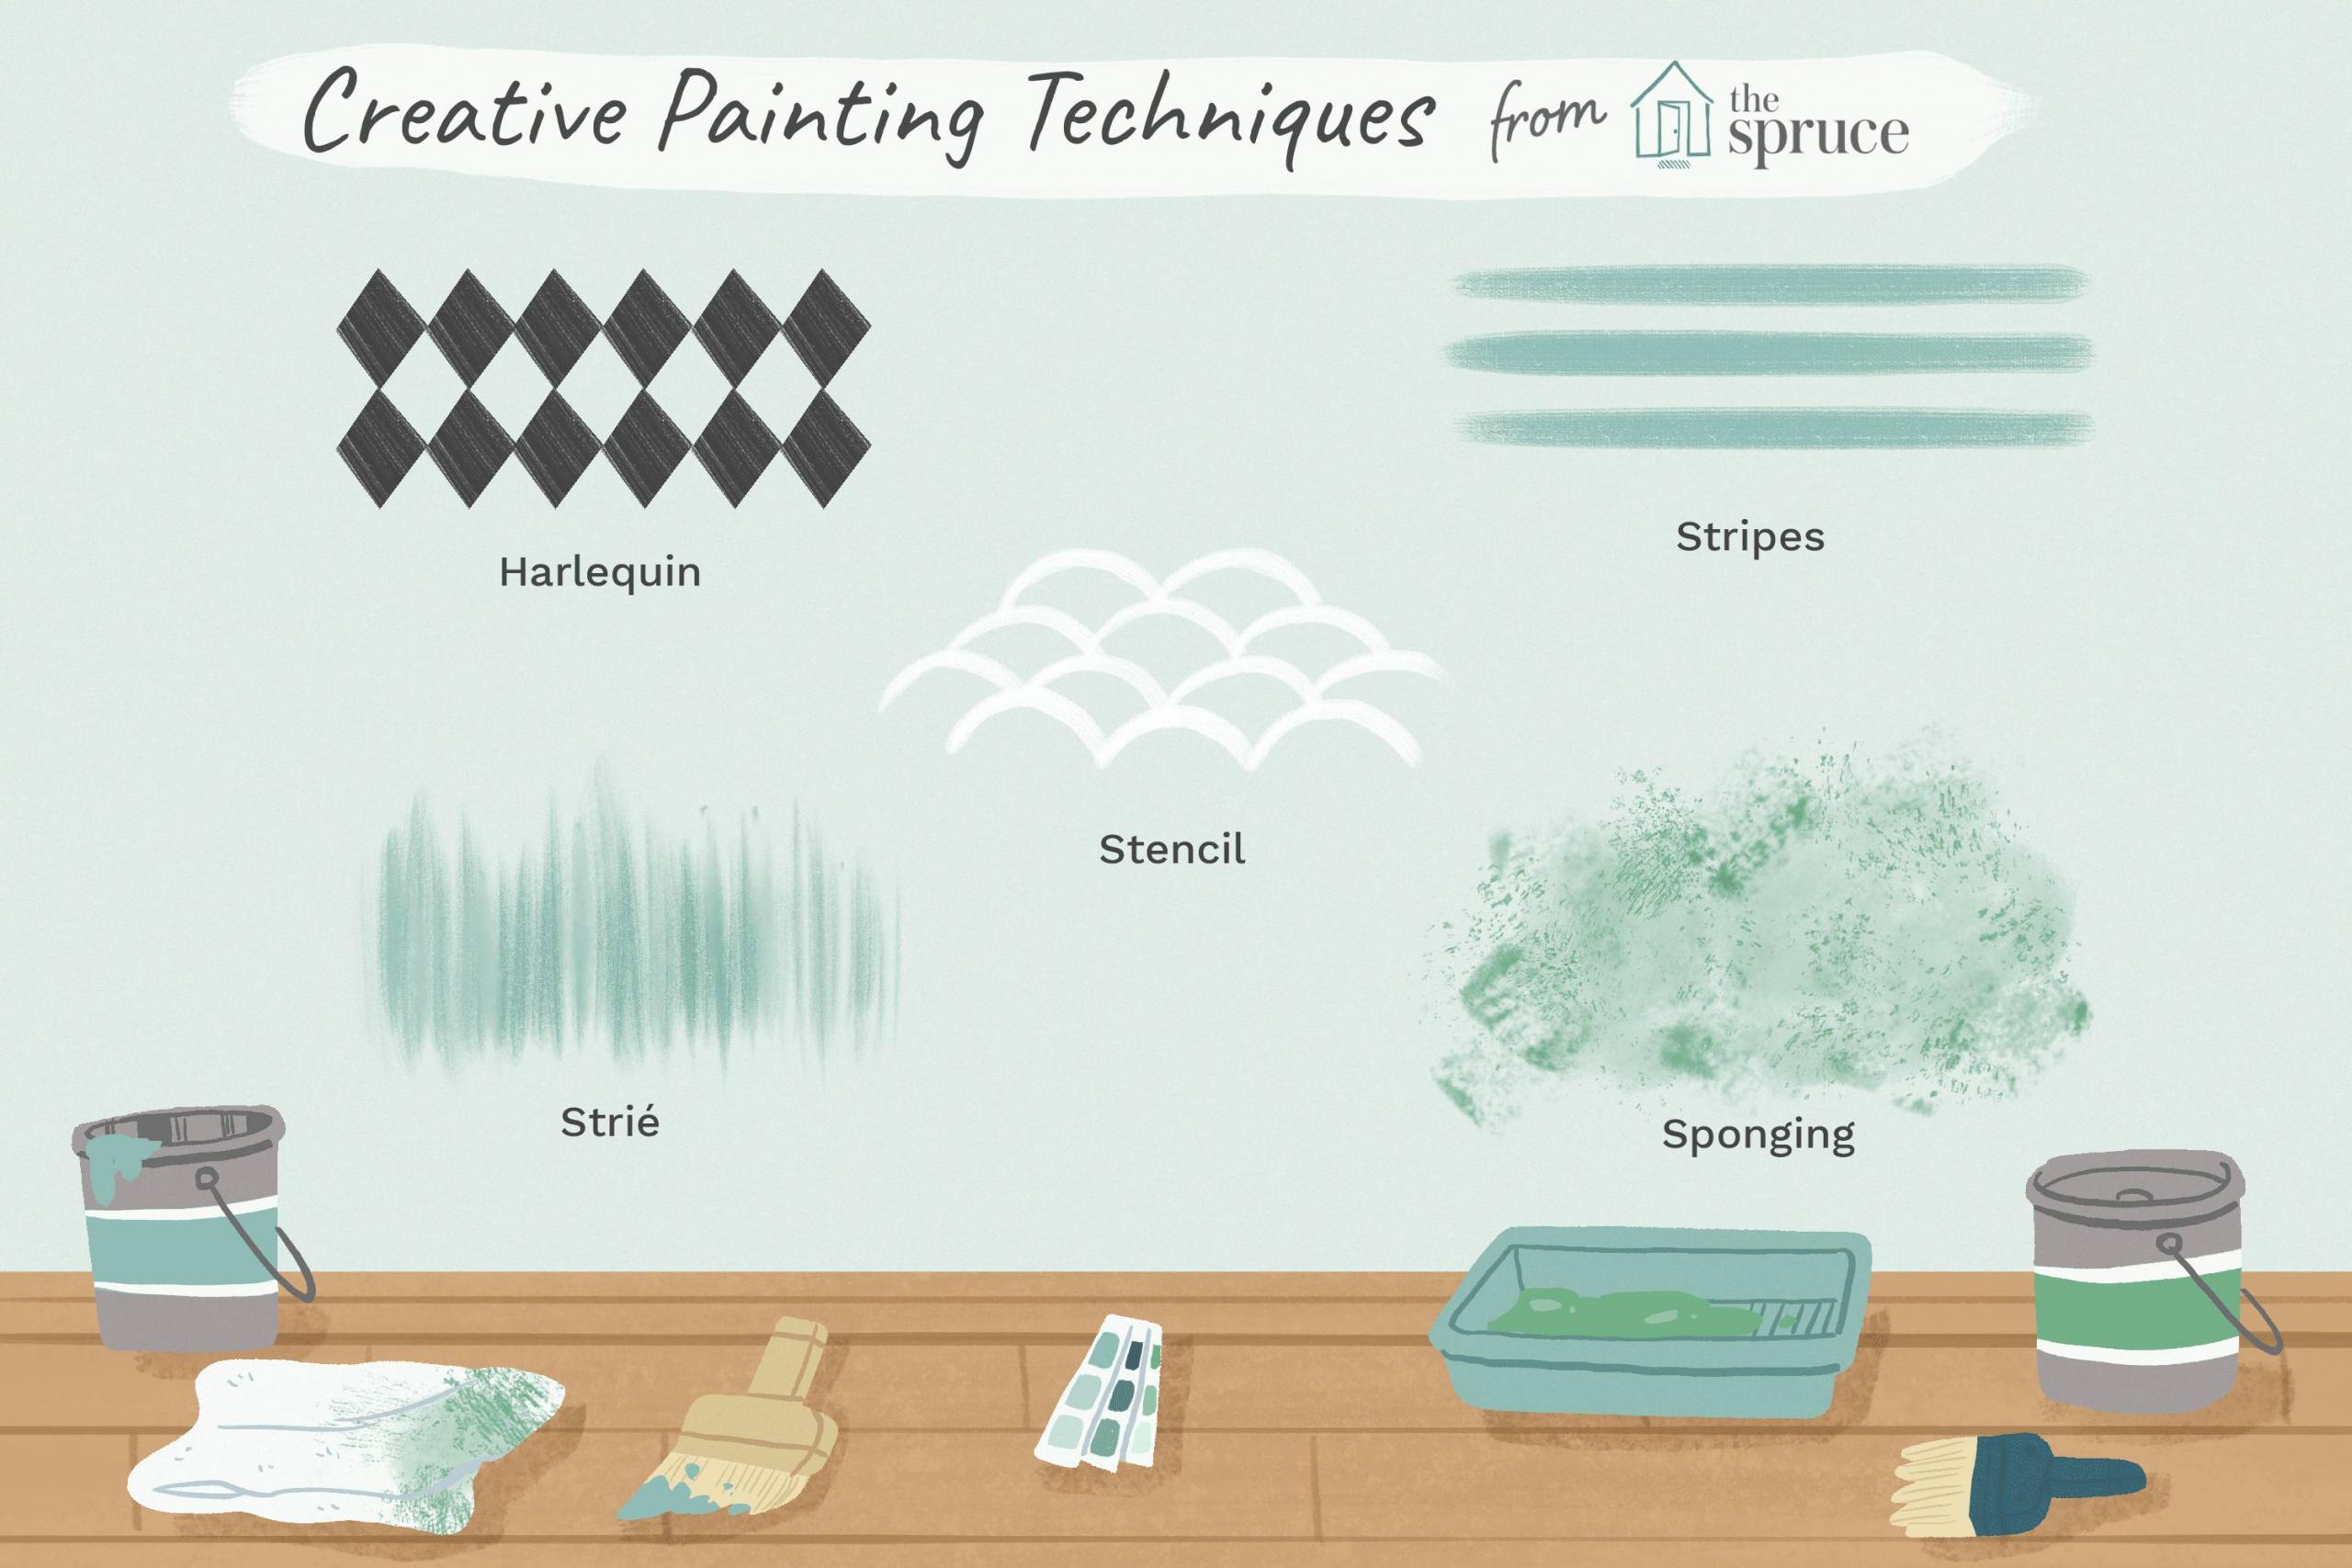 decorative paint techniques for bedroom walls Final a143cc3e6d164ffda2537cb4642b1880